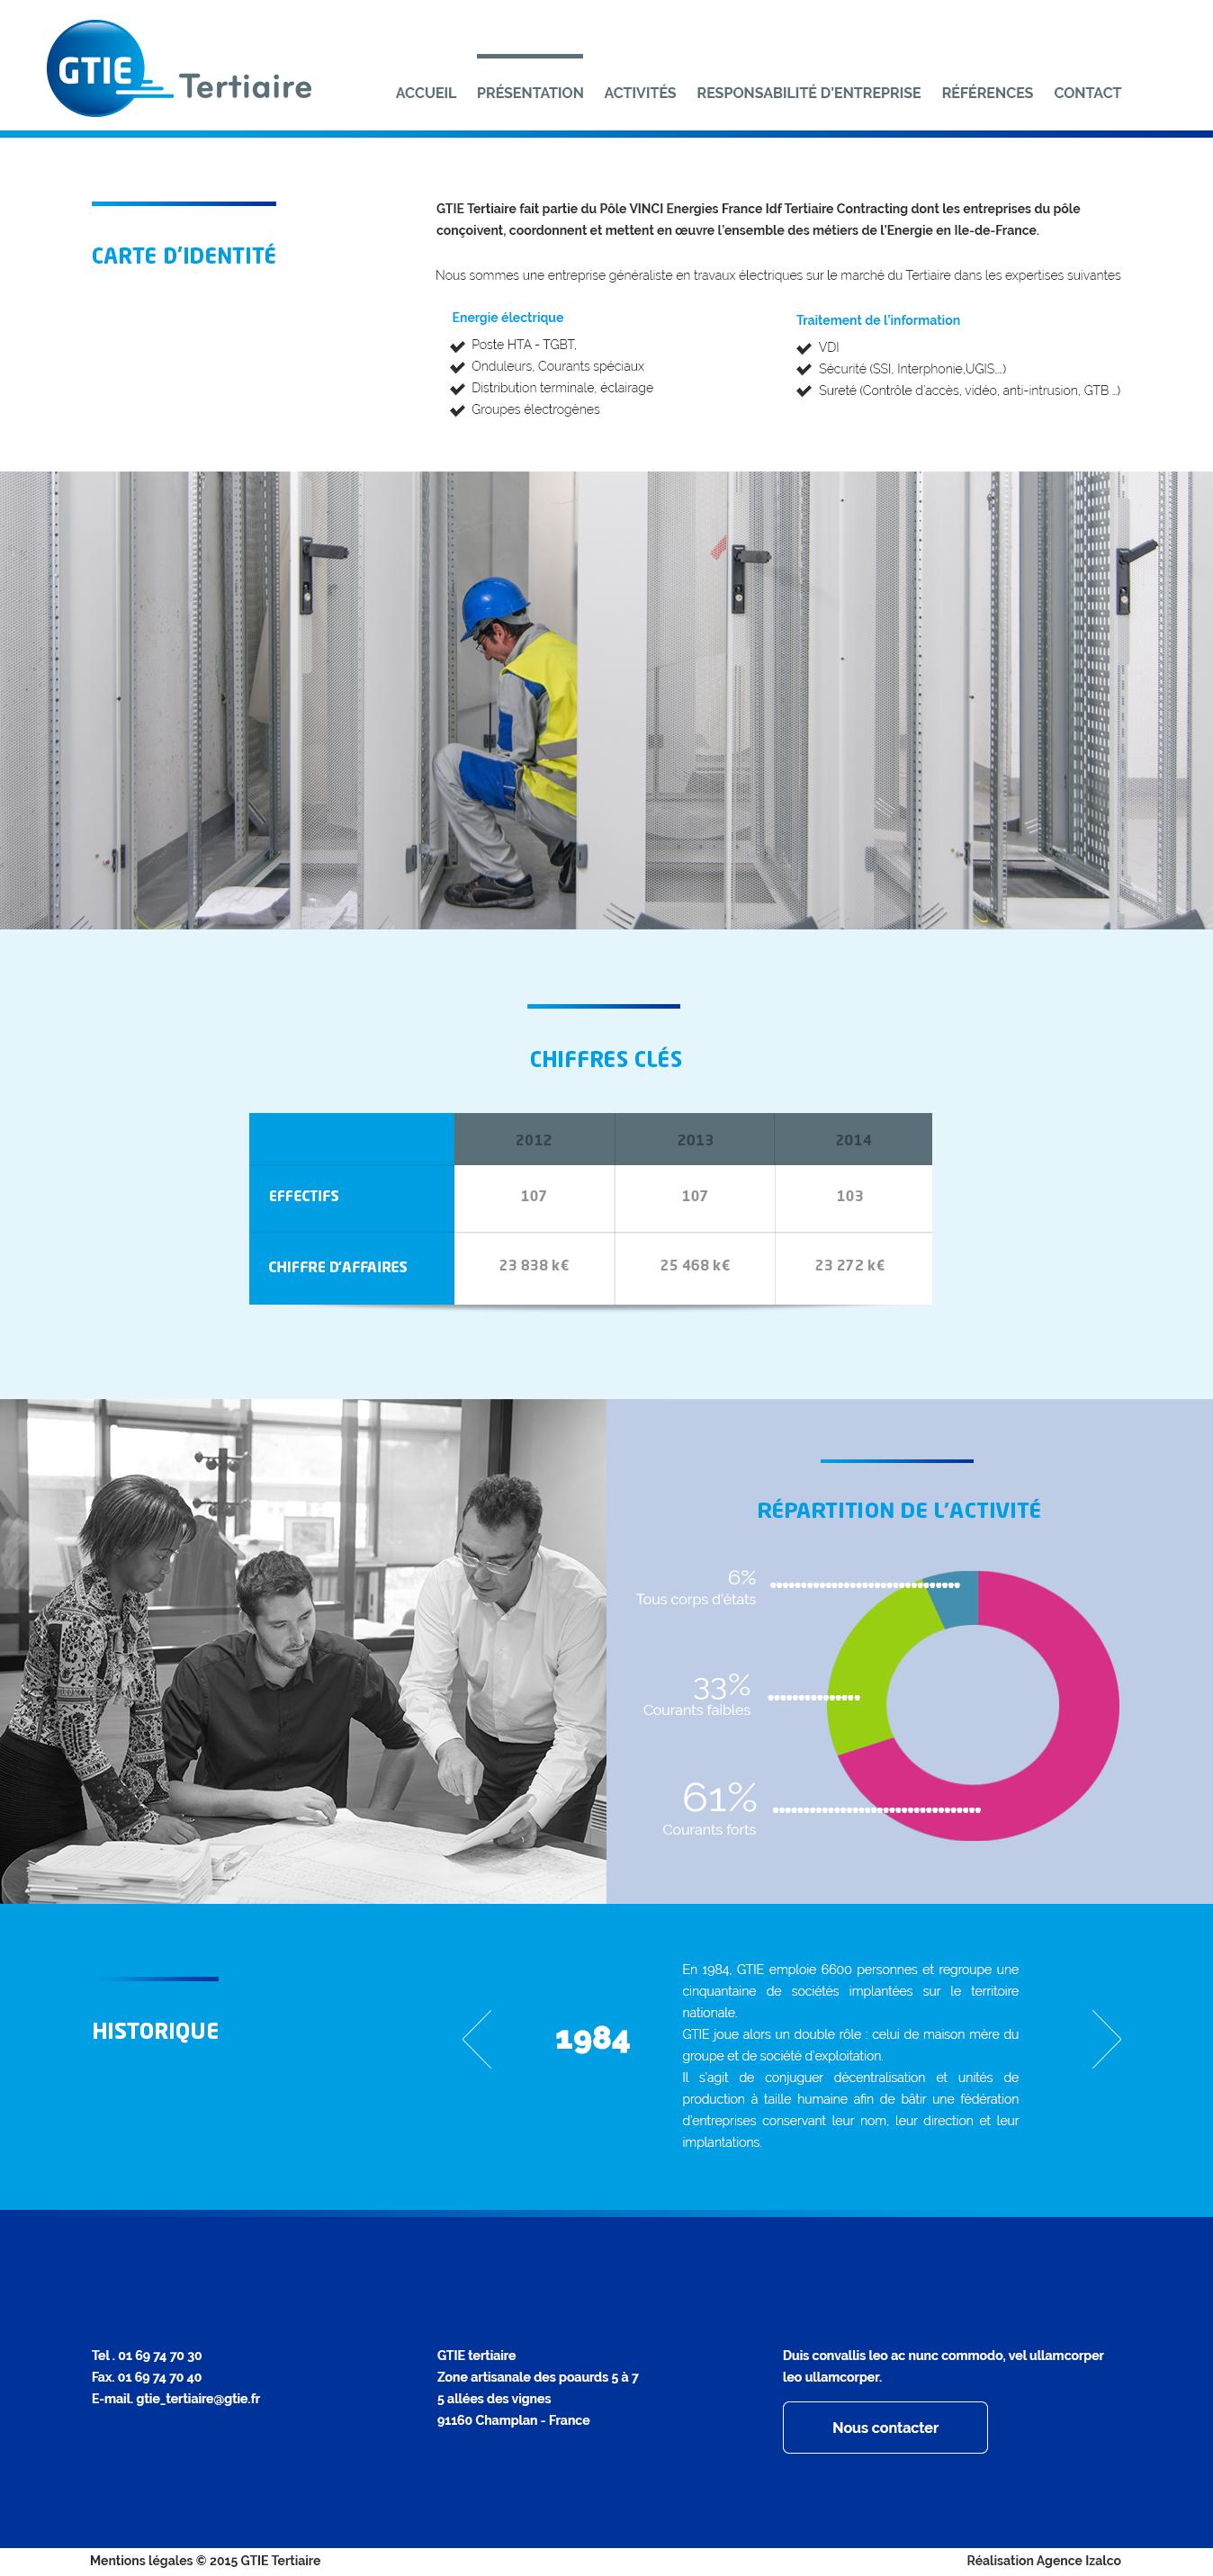 Conception graphique - GTIE - Webdesigner freelance, 10 années d'expertise